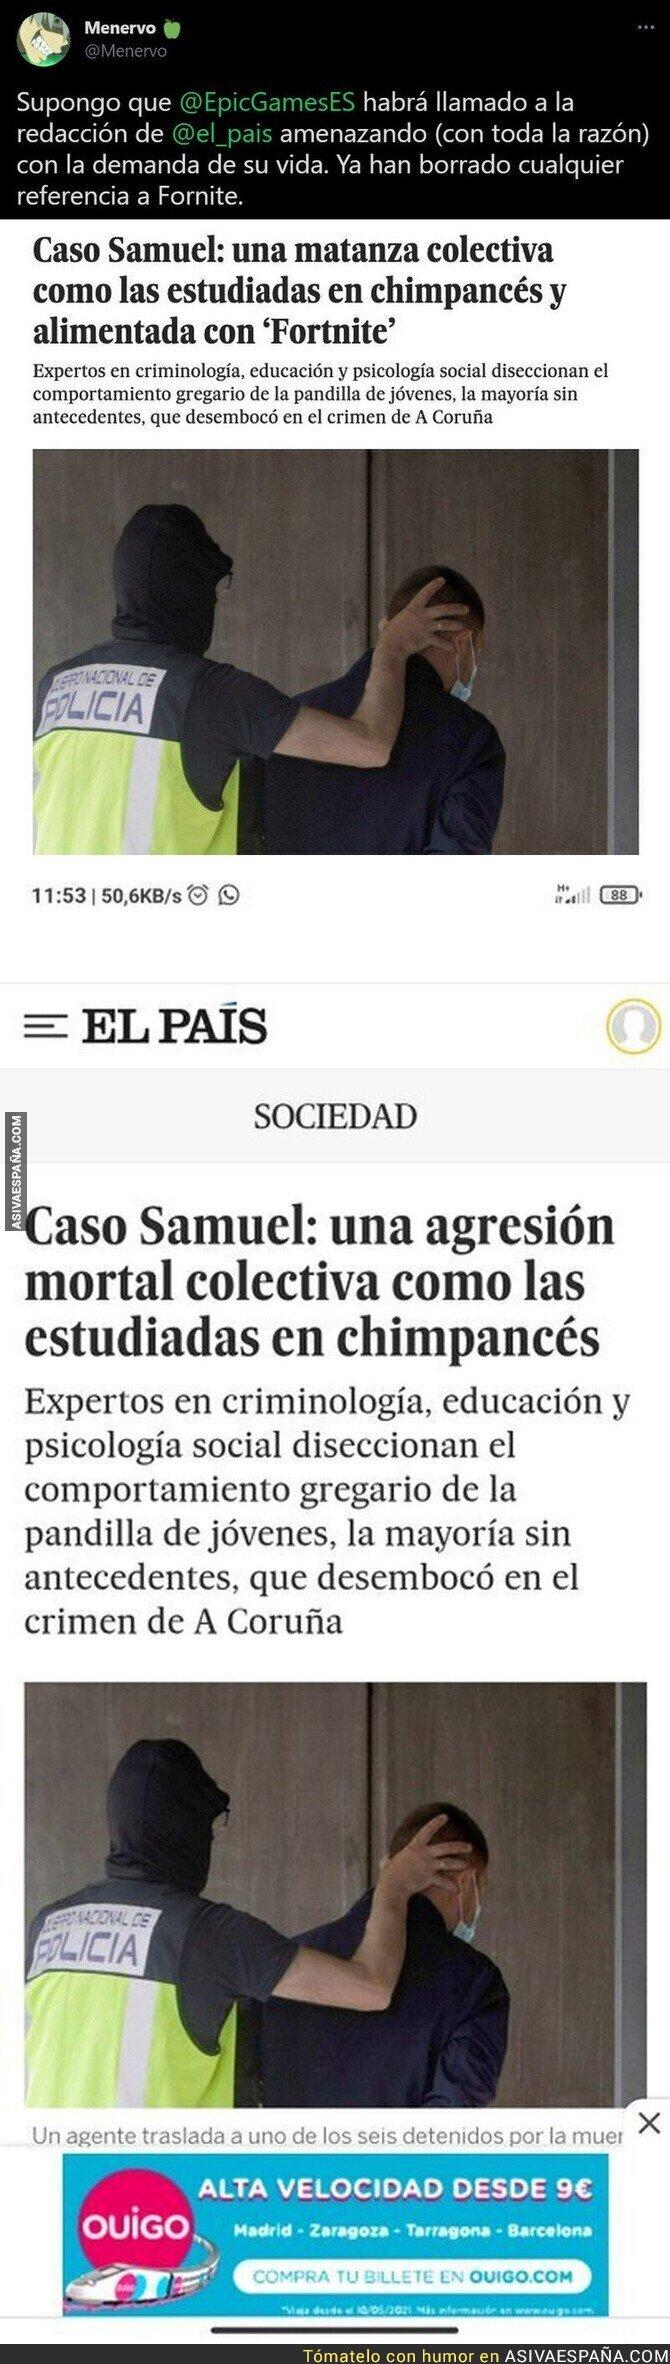 835375 - La irresponsabilidad tremenda de 'El País' relacionando el asesinato de Samuel con el Fortnite que han tenido que borrar